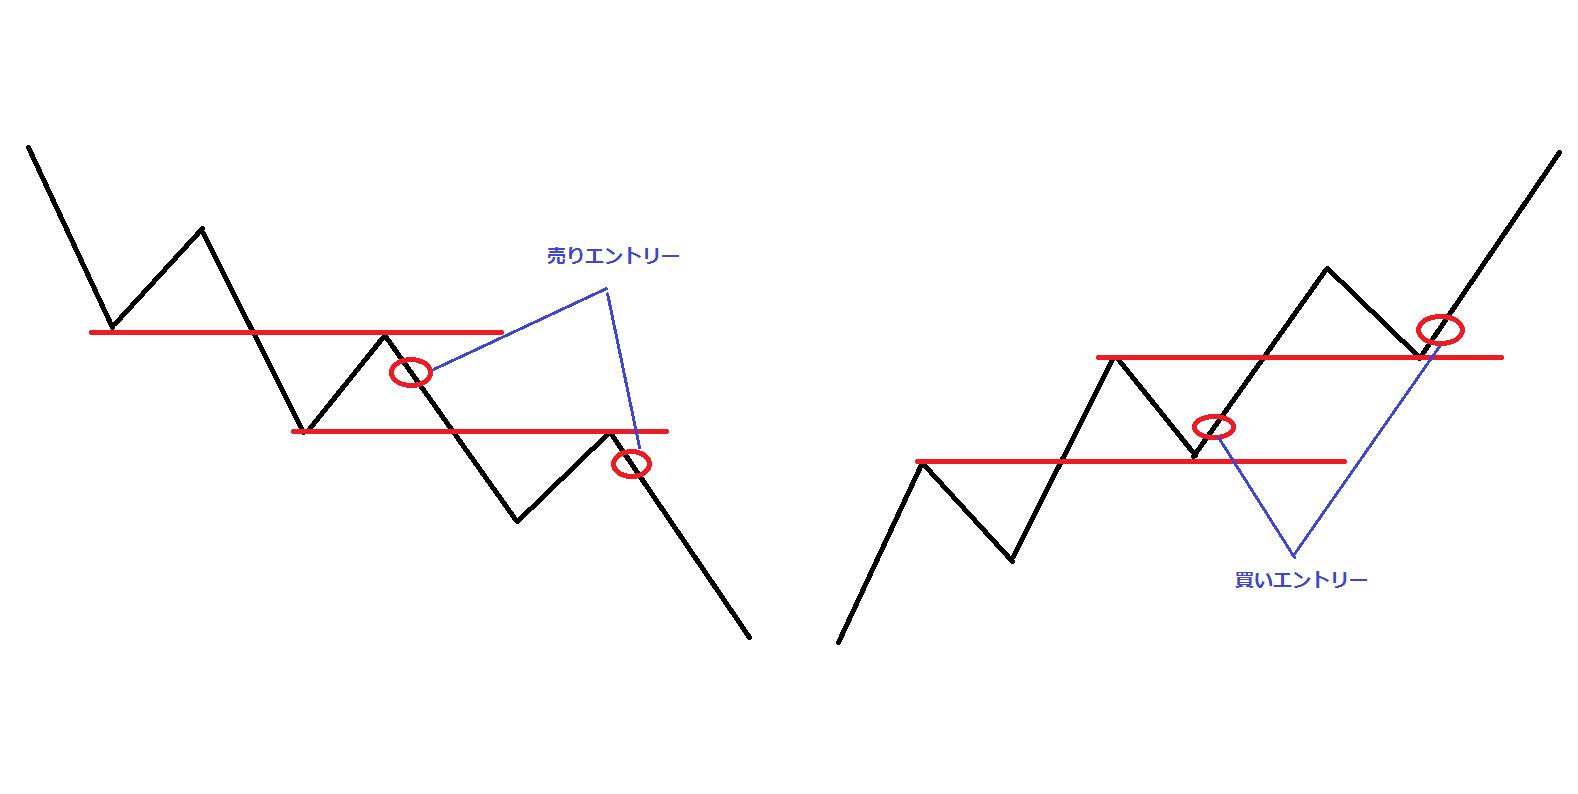 FXはキレイなチャートでのトレードの方が勝ちやすい理由とは?